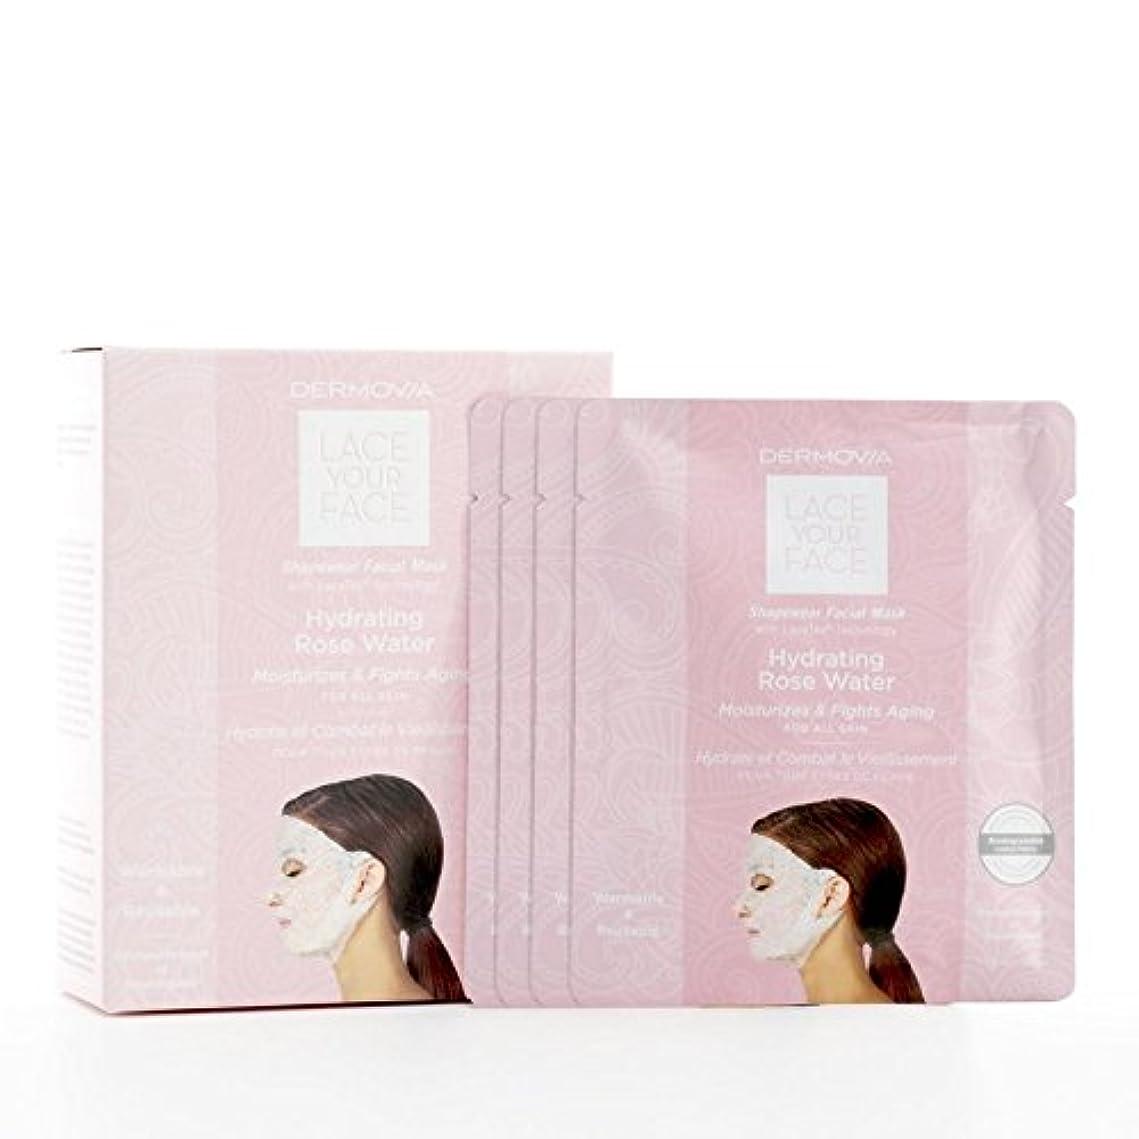 セメント資格感じるDermovia Lace Your Face Compression Facial Mask Hydrating Rose Water - は、あなたの顔の圧縮フェイシャルマスク水和が水をバラレース [並行輸入品]